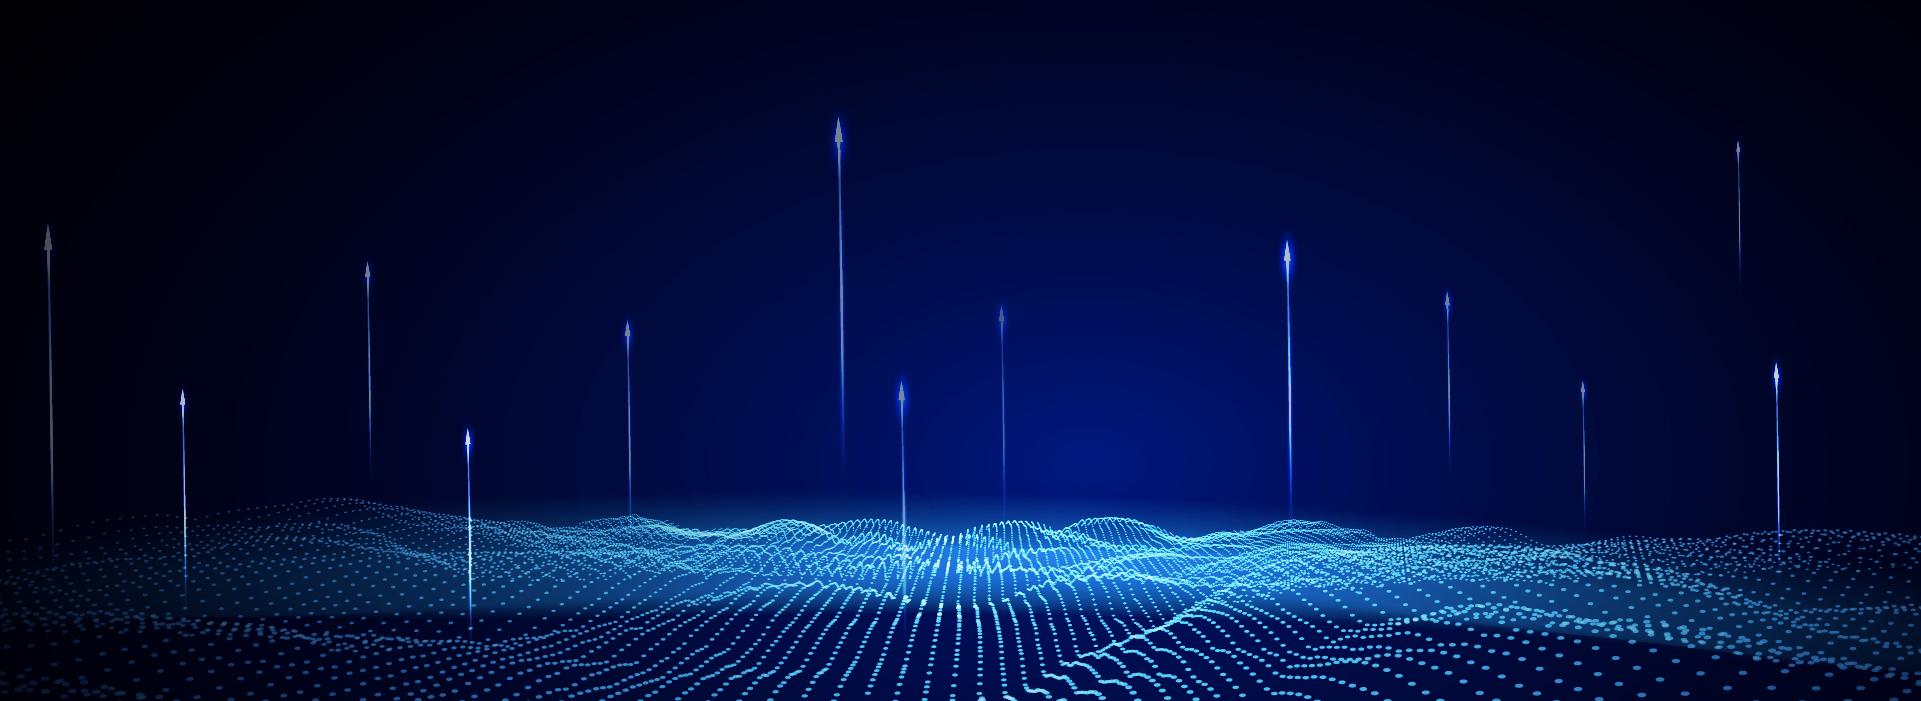 科技网点底纹流动颗粒背景高清图片